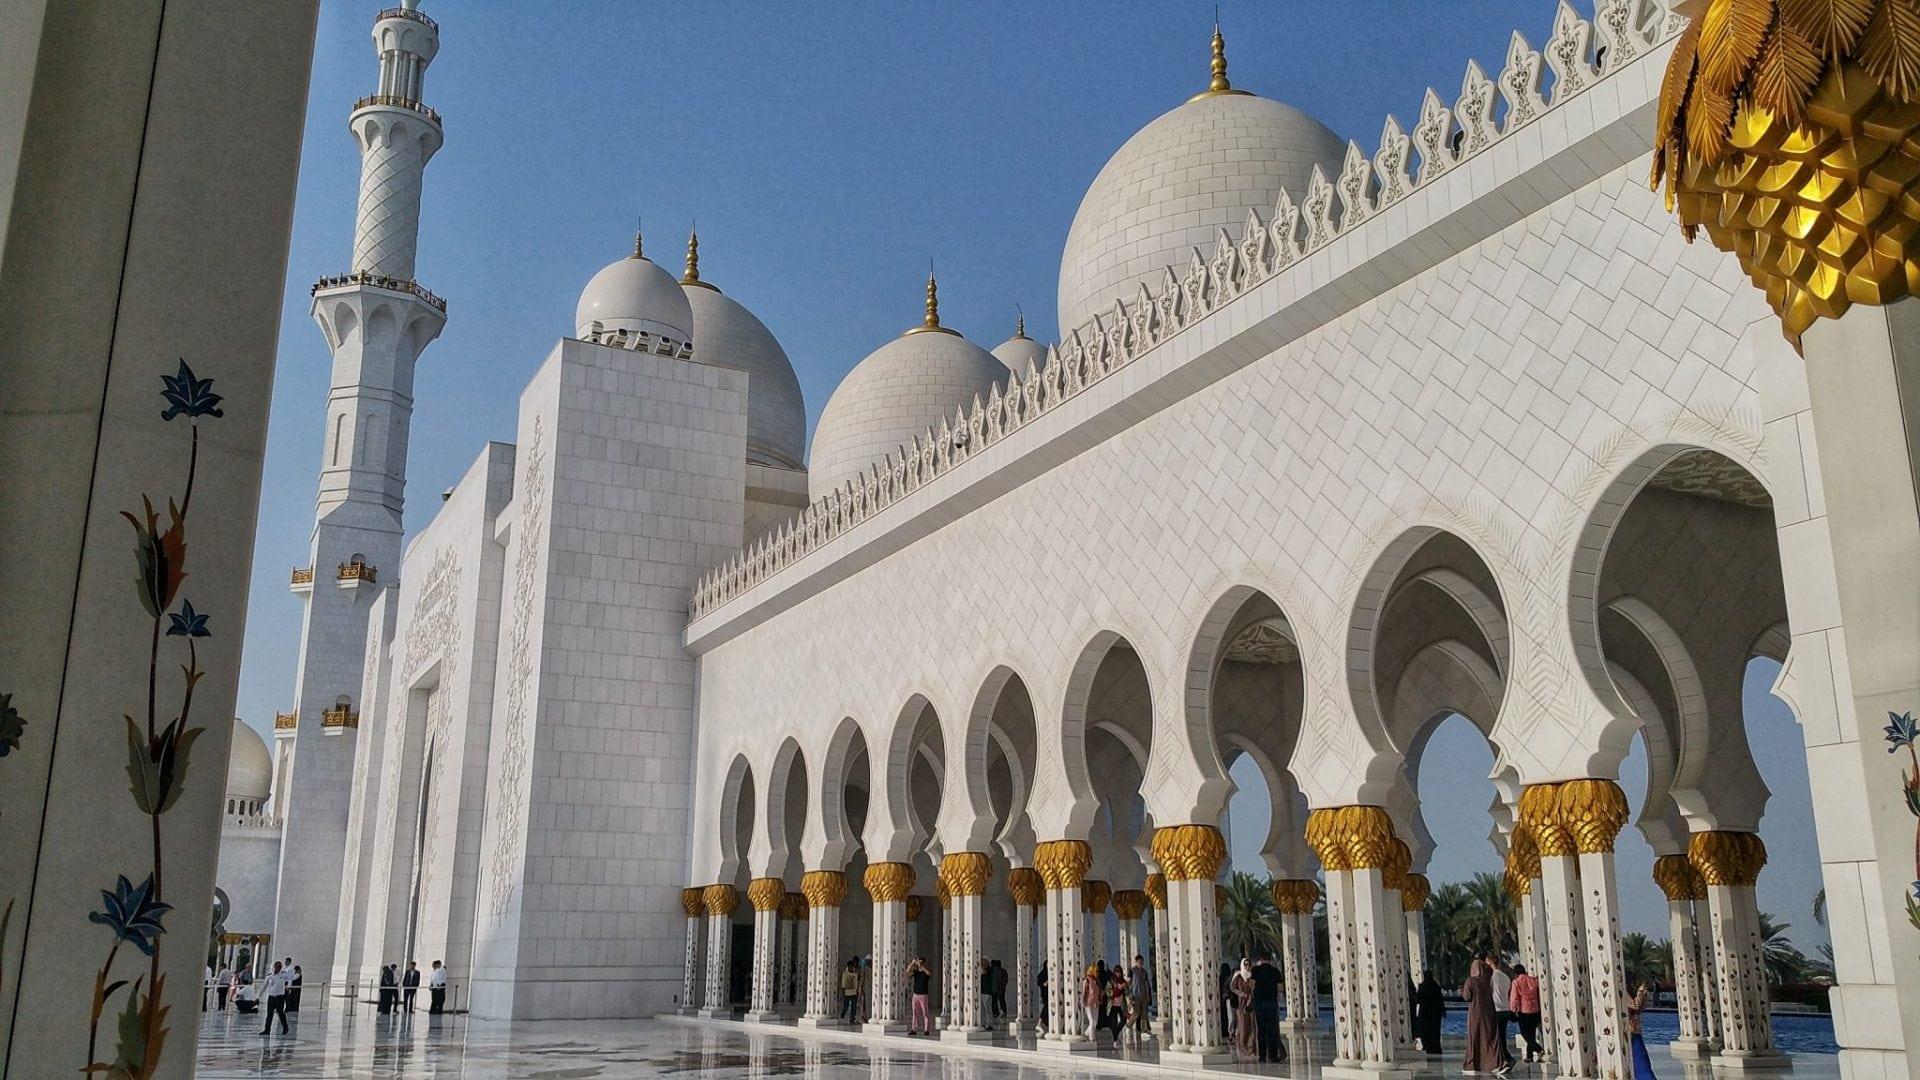 جامع الشيخ زايد - صورة بطاقة 2